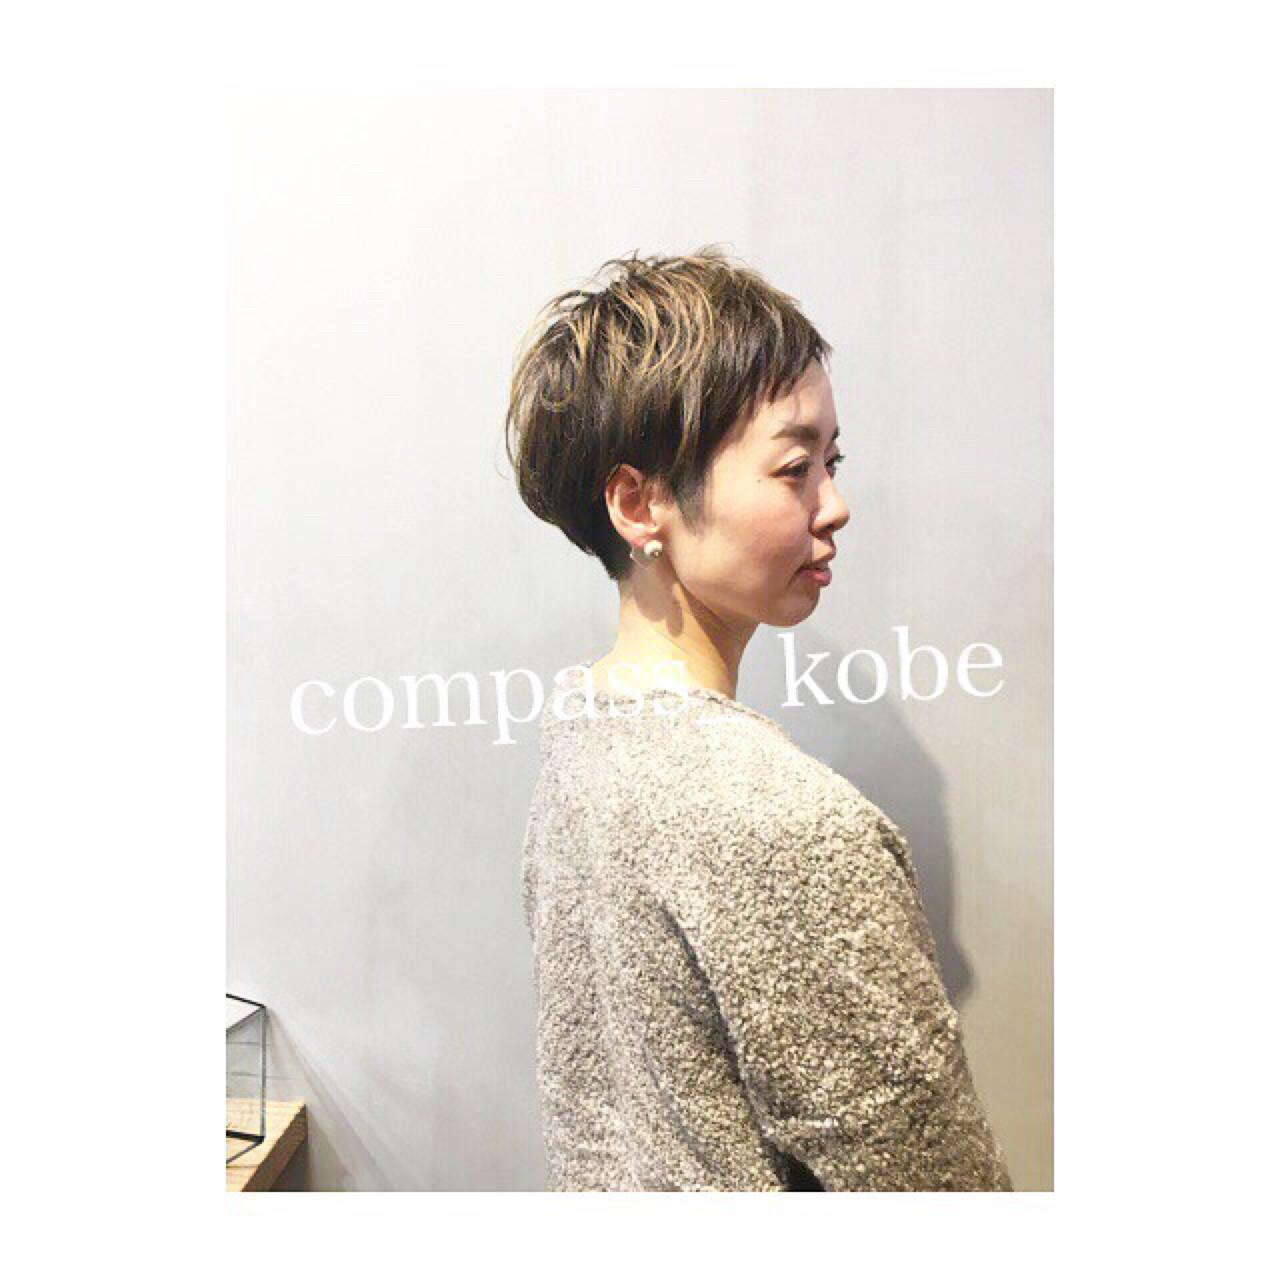 キュートなショートマッシュ×デザインカラー♡ COM PASS タイチ